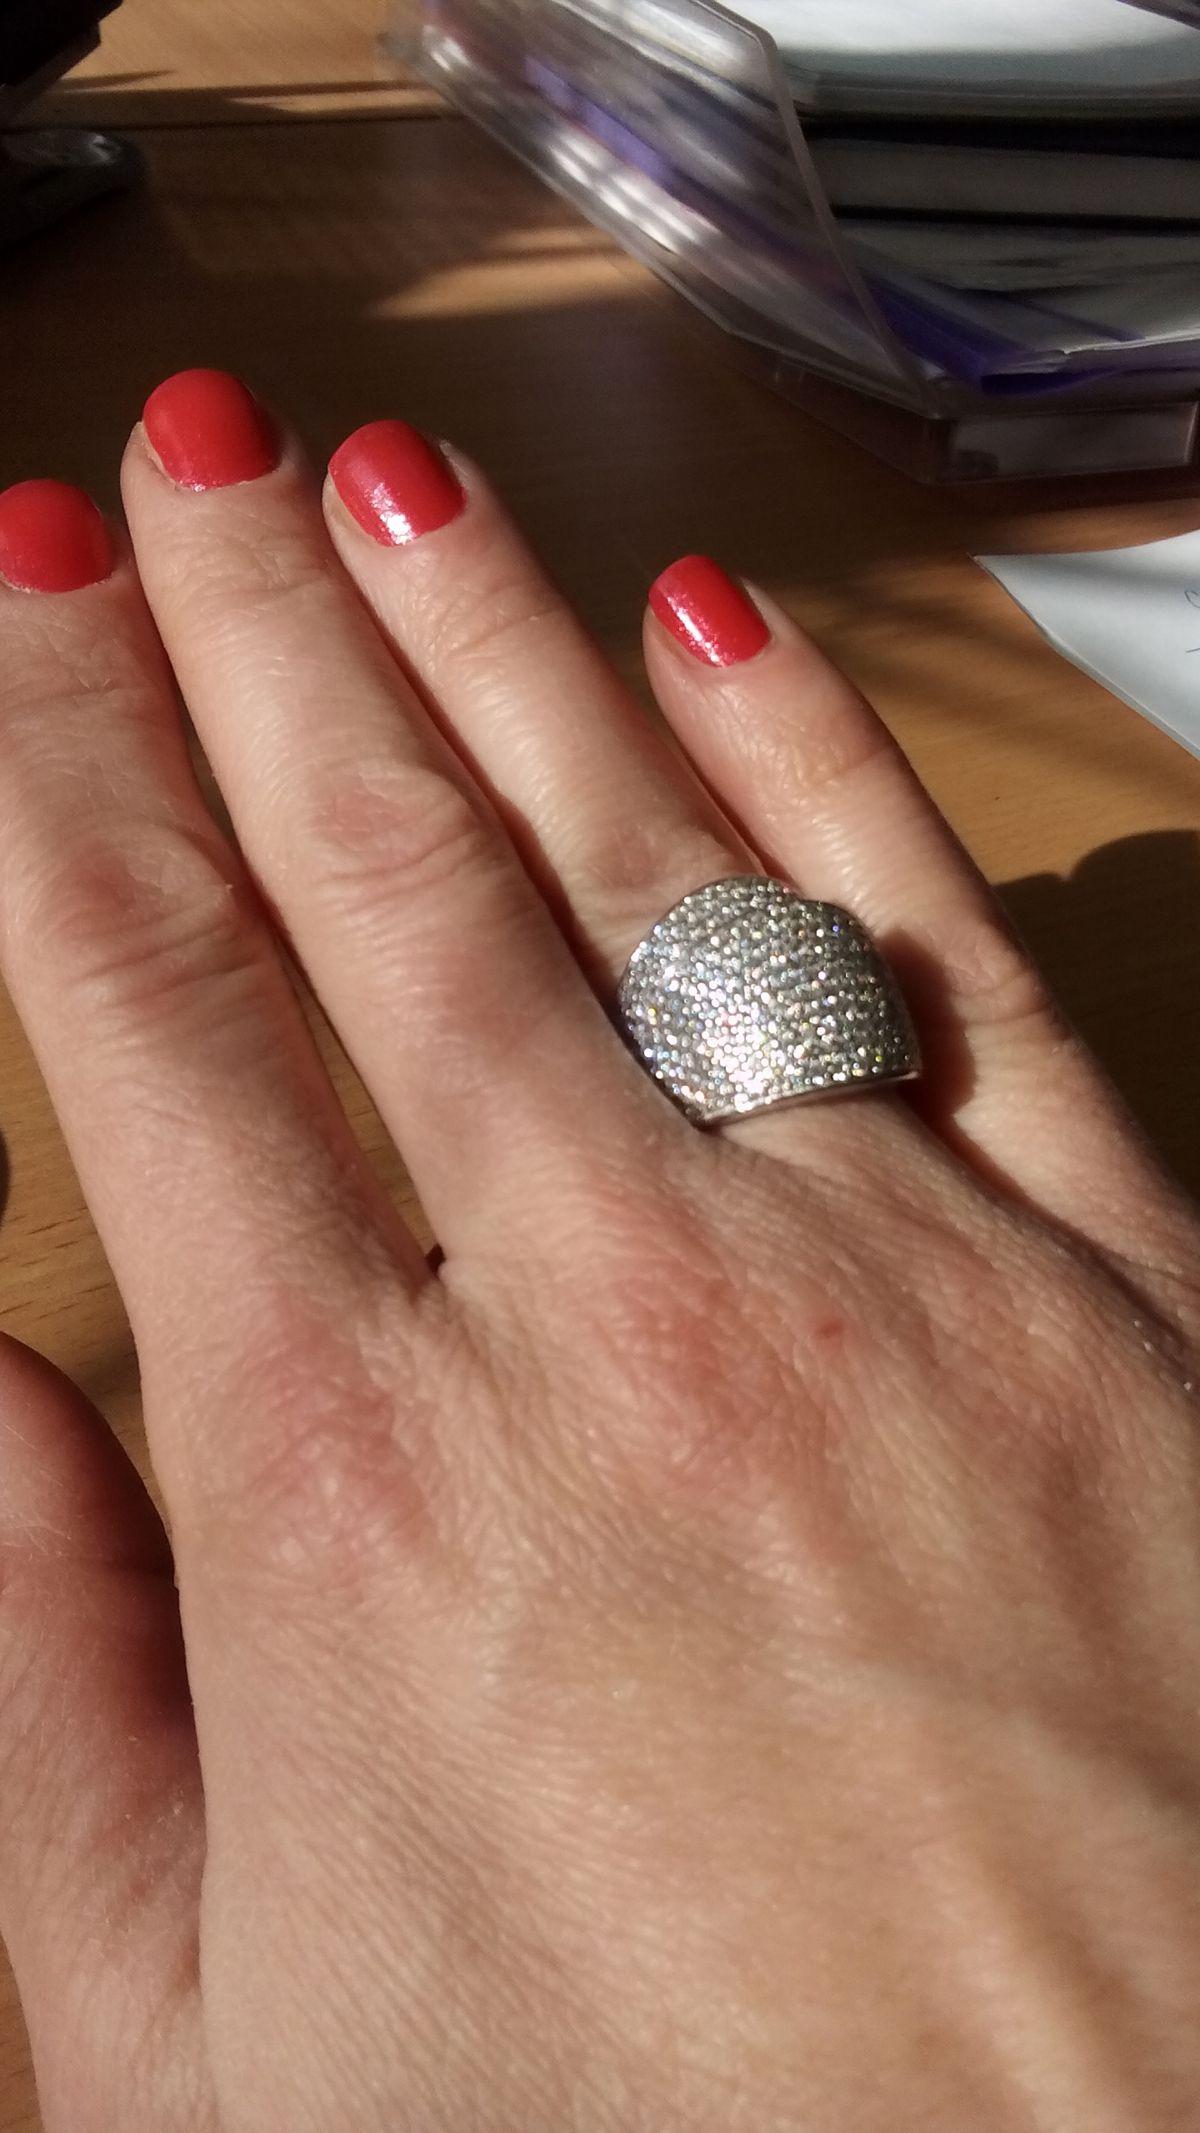 Купили красивое мощное кольцо хотя оно очень легкое и не чувствуется его